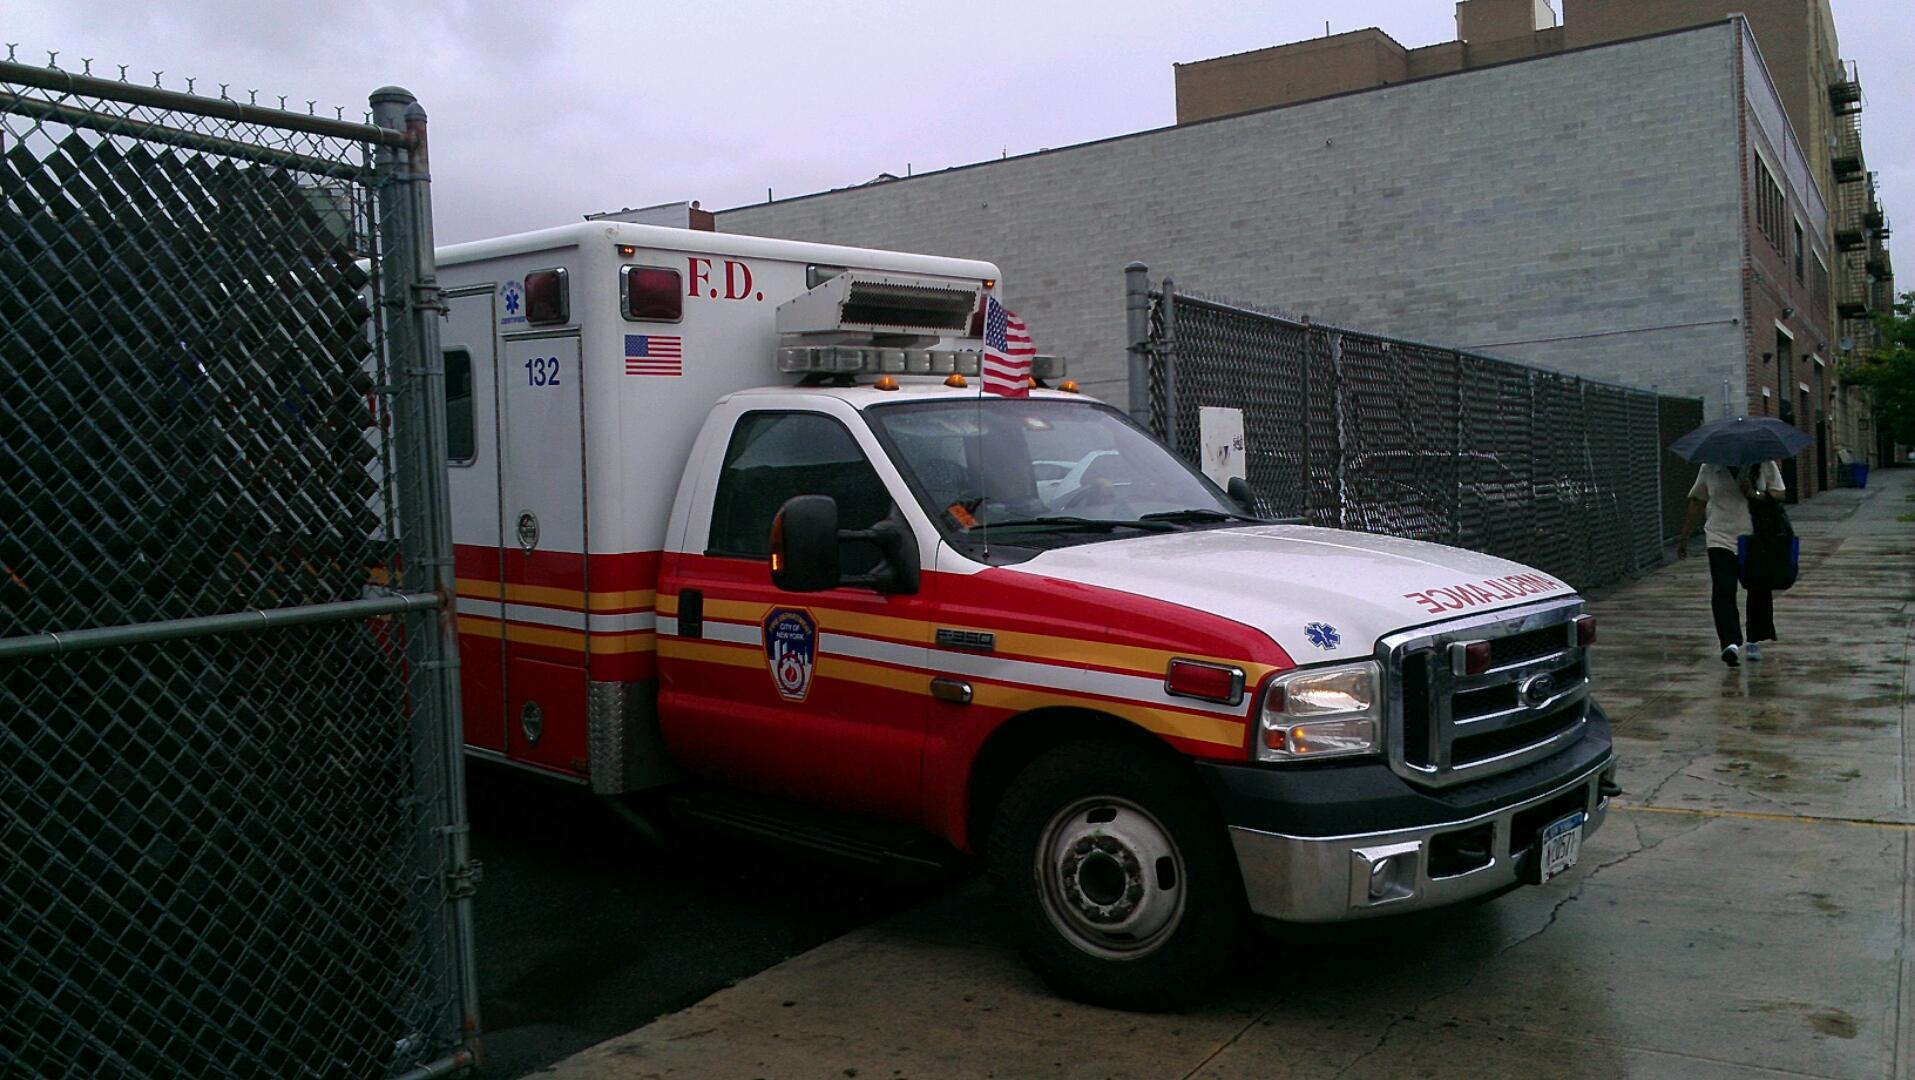 June 12, 2012 Medical Emergency at Dr Emilys 3